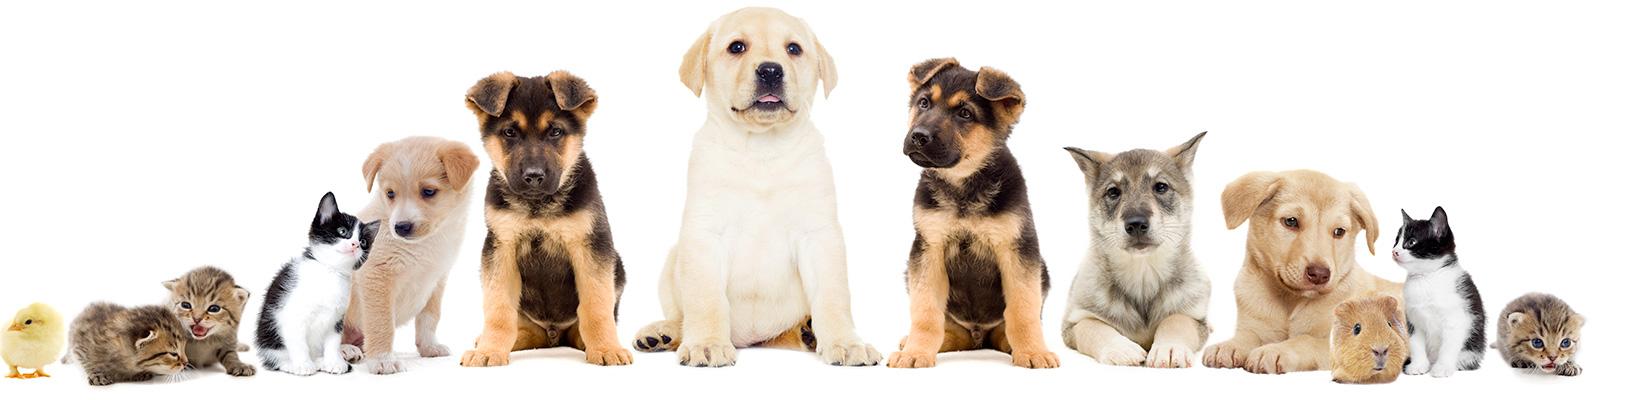 Les symptômes de la maladie chez le chien, chat ou NAC